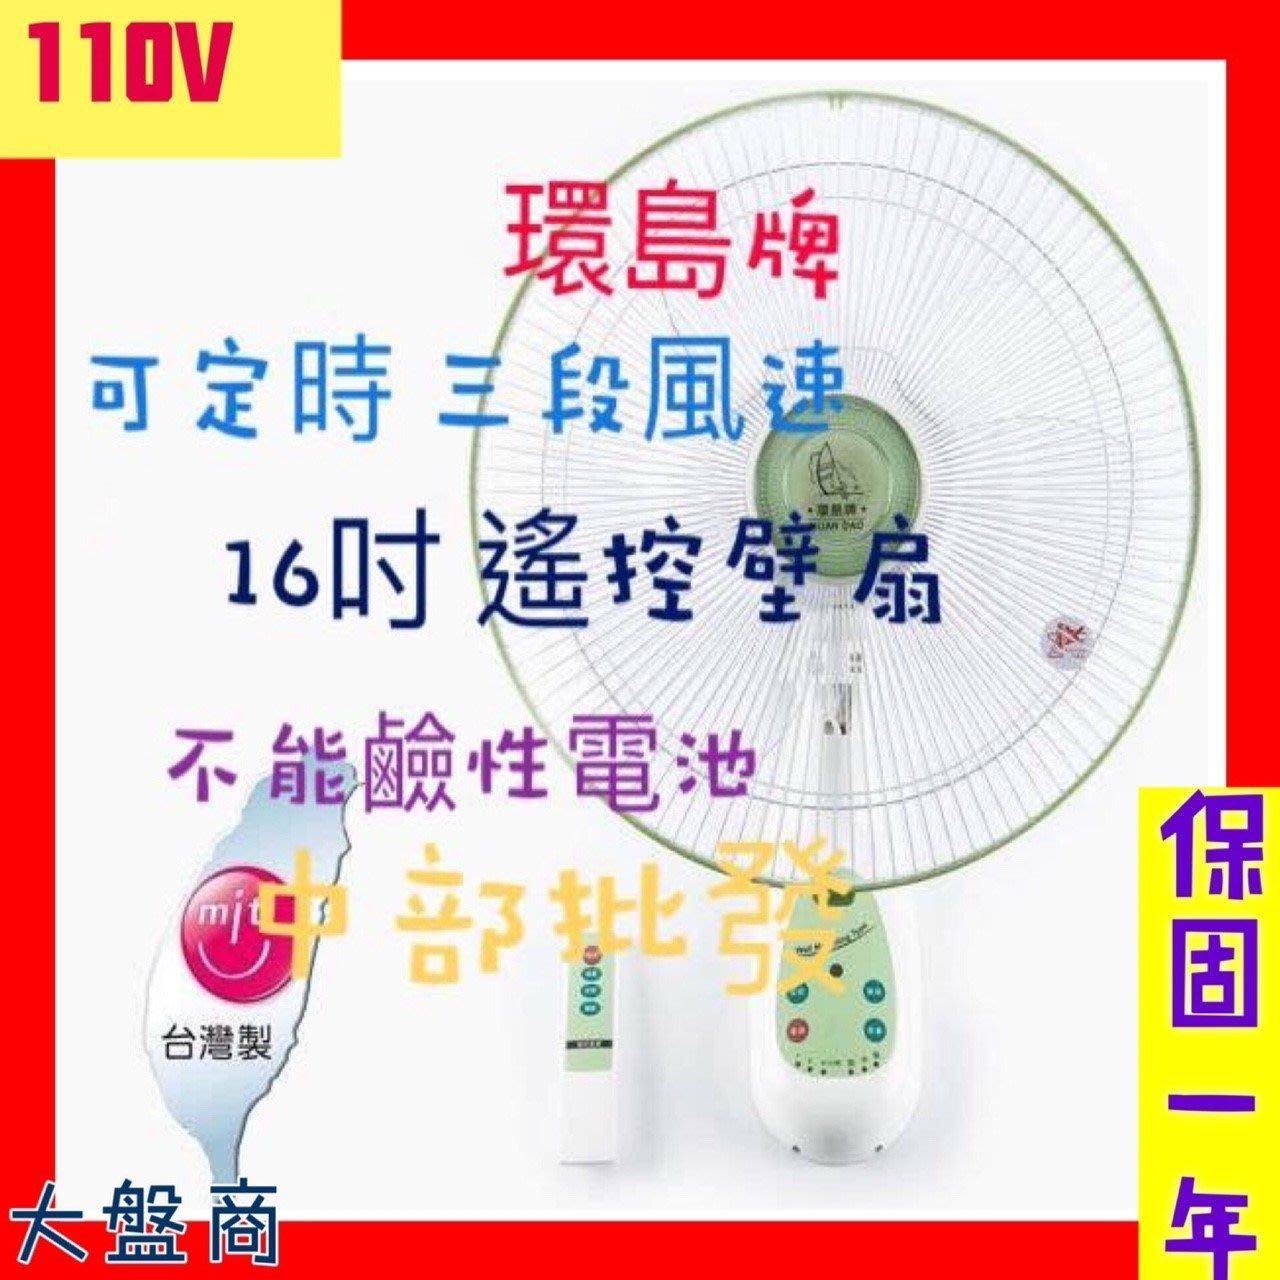 『中部批發』遙控式 16吋 遙控壁扇 排風扇 吊扇 電扇 電風扇 掛壁不占空間 掛壁扇 通風扇 壁掛扇 (台灣製造)